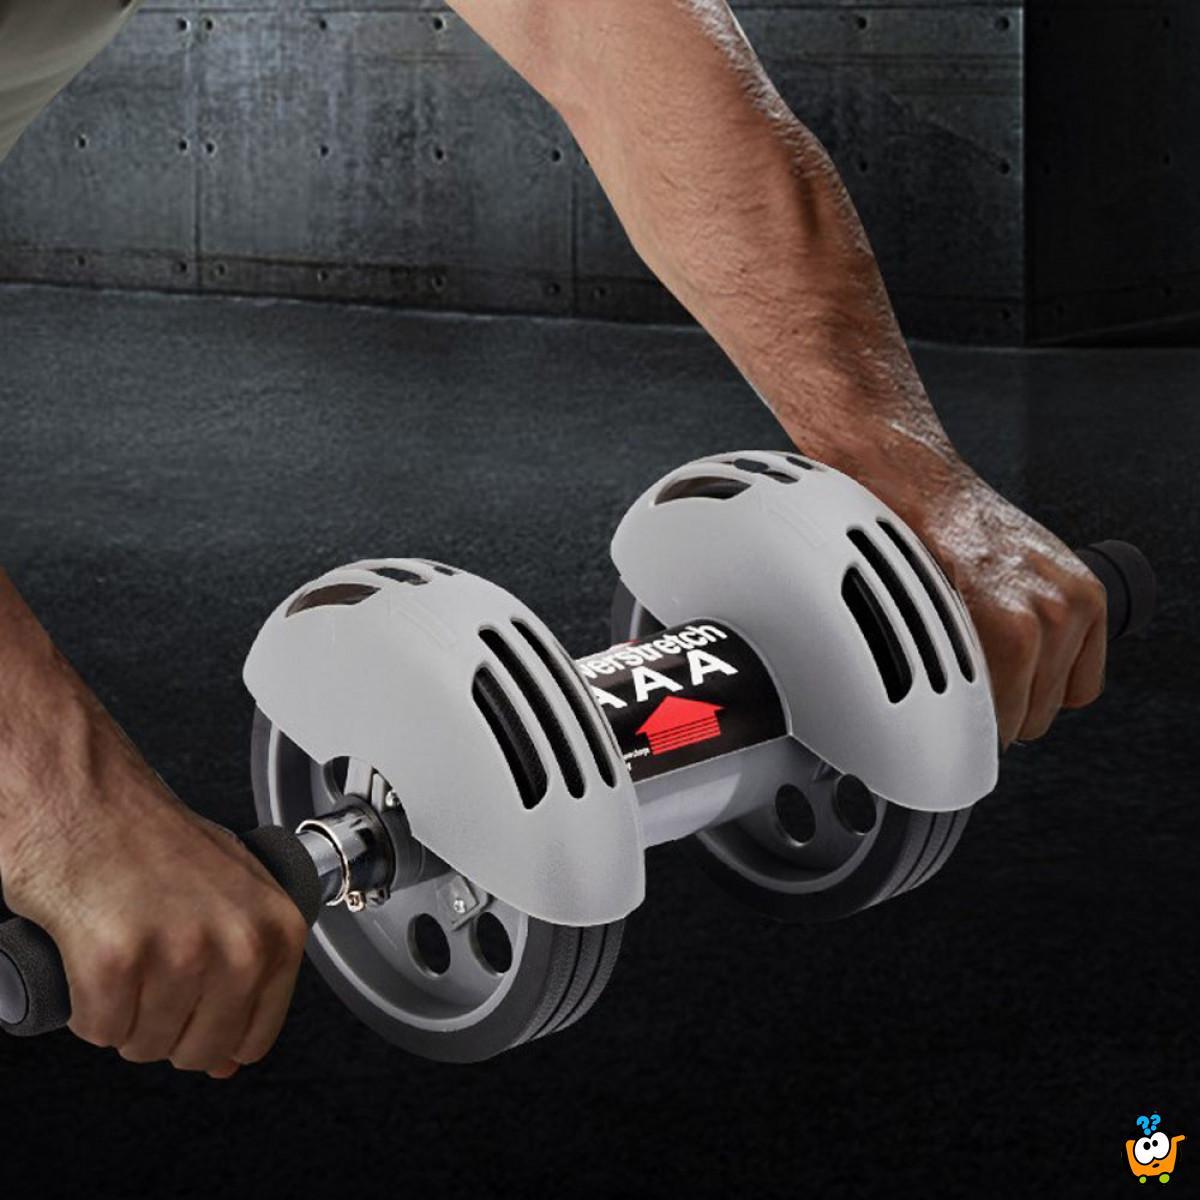 Dvostruki točkovi za vežbanje trbušnih mišića